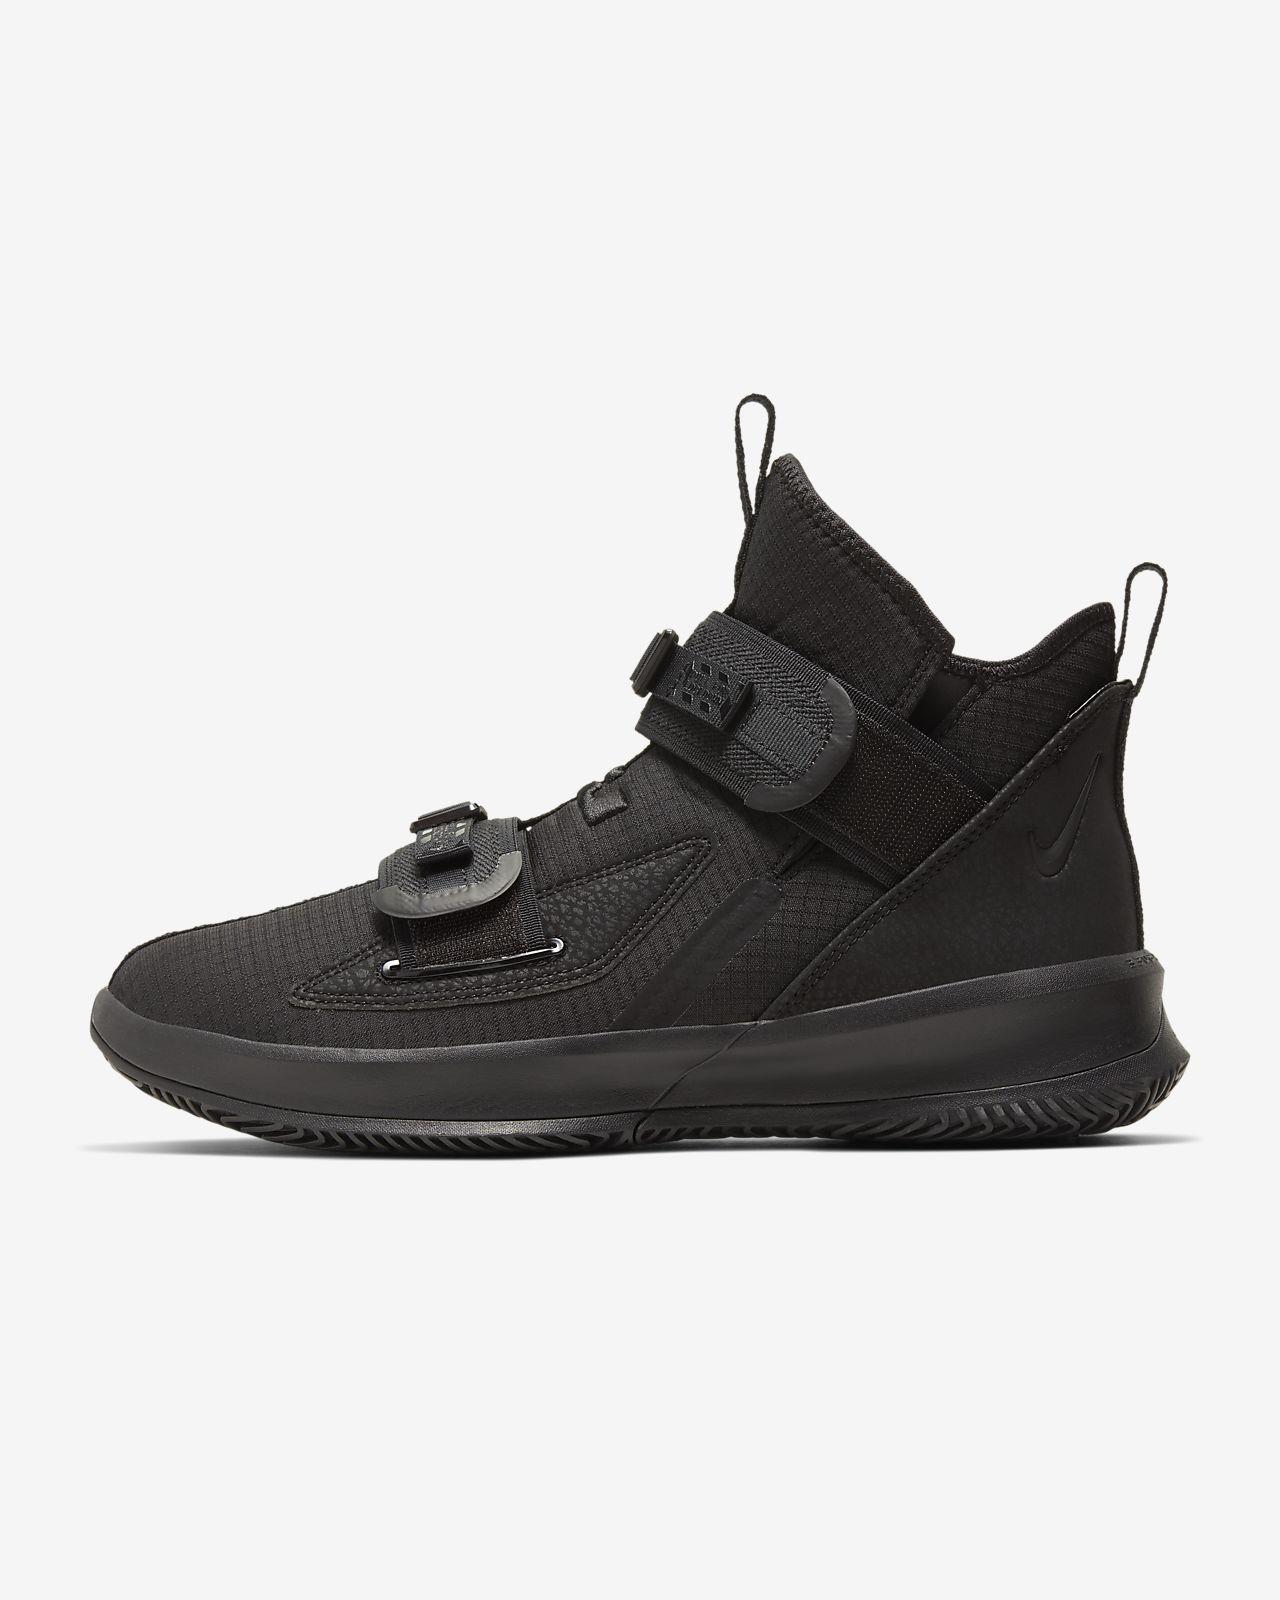 Παπούτσι μπάσκετ LeBron Soldier 13 SFG